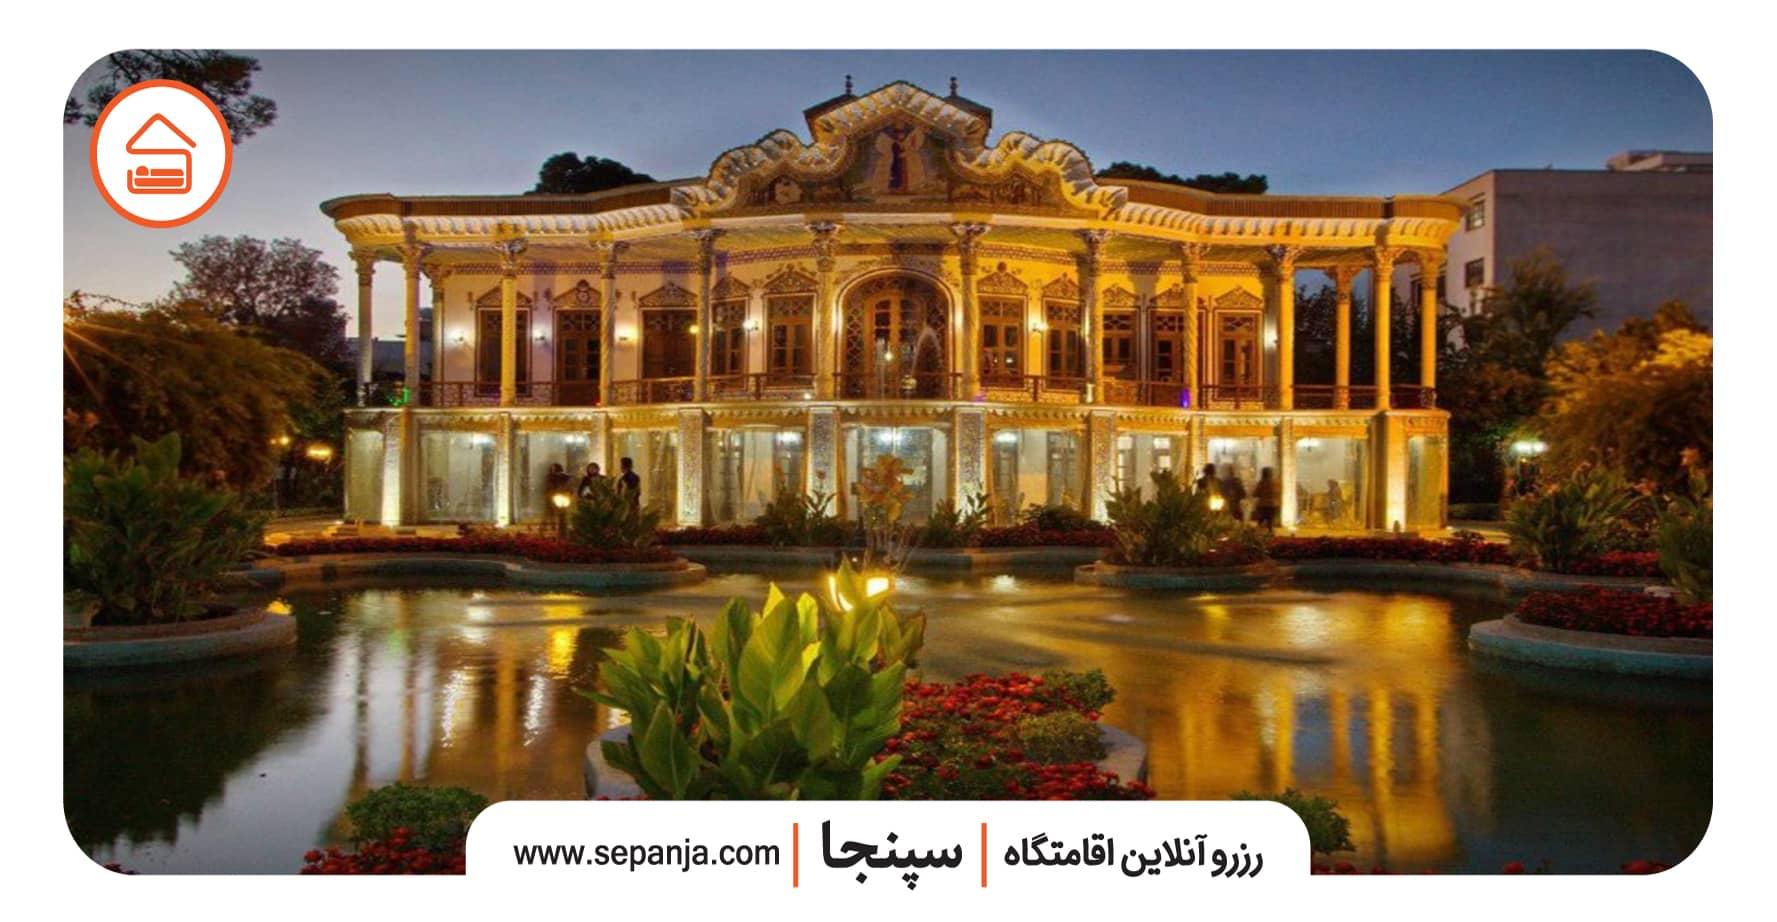 عمارت شاپوری از بهترین جاهای دیدنی شیراز